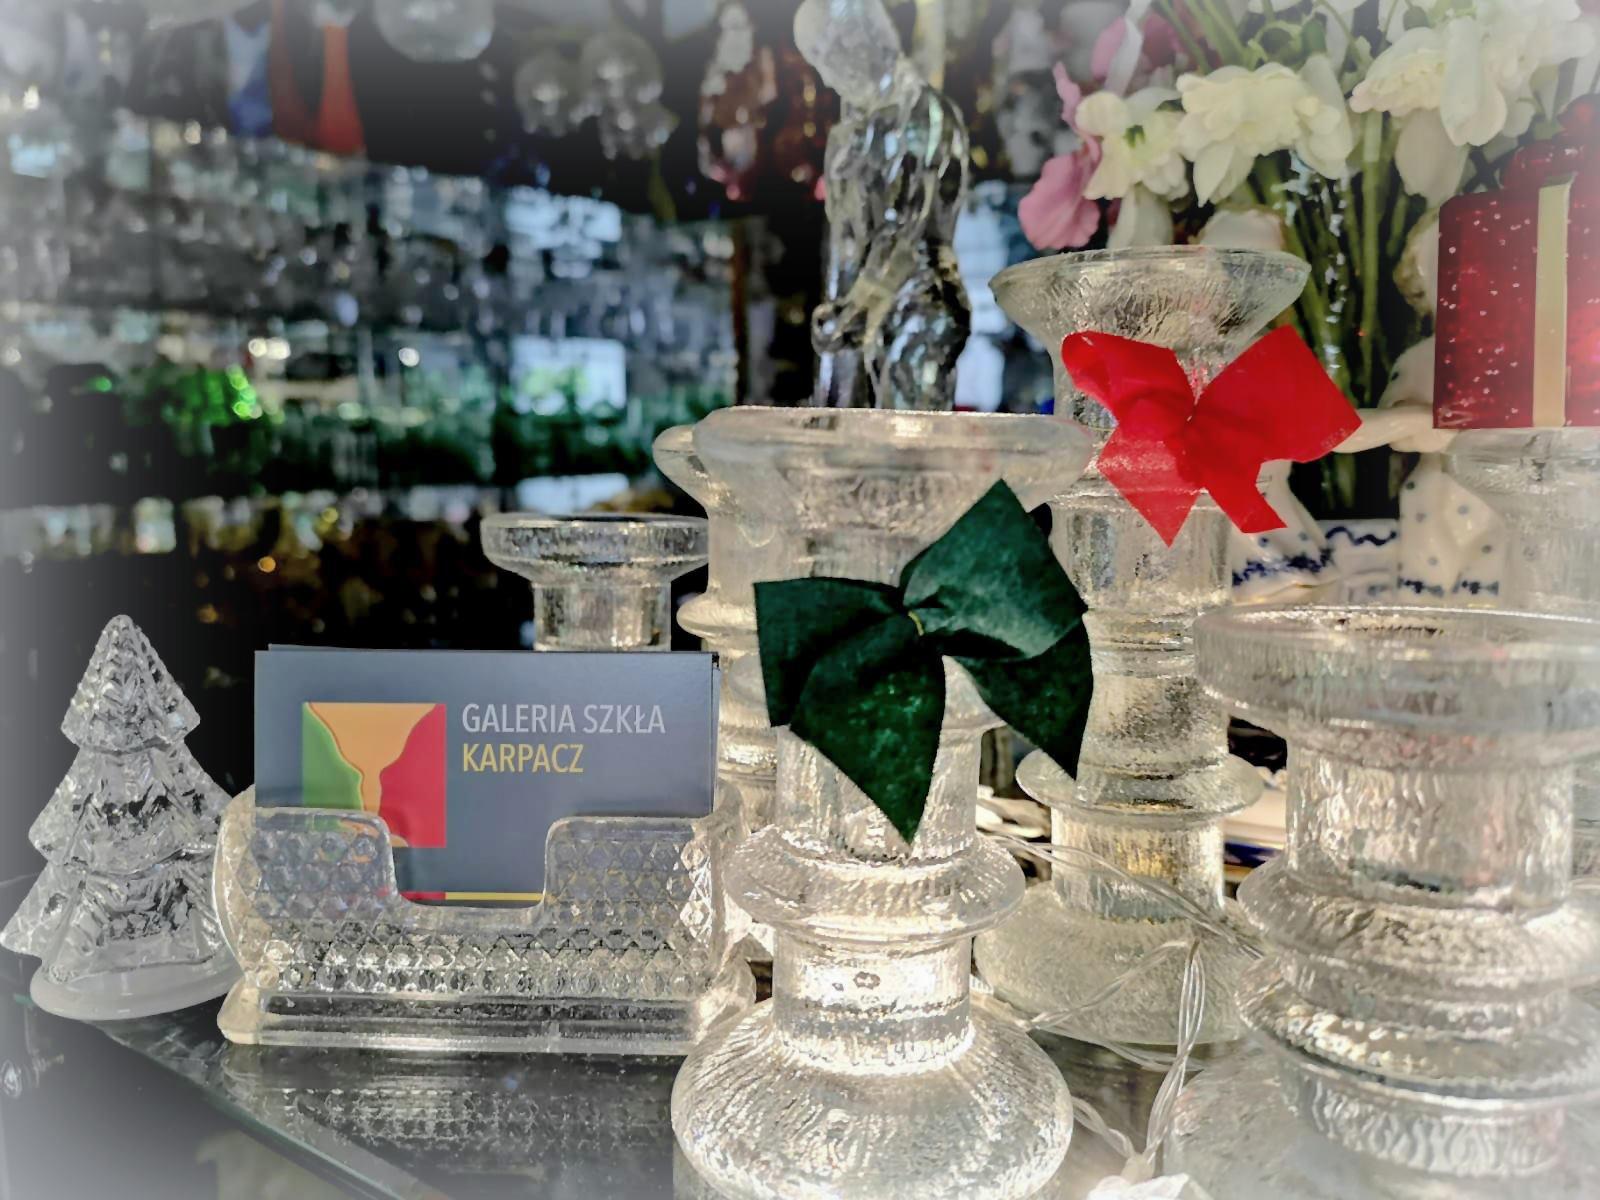 Prywatna kolekcja szkła w Karpaczu